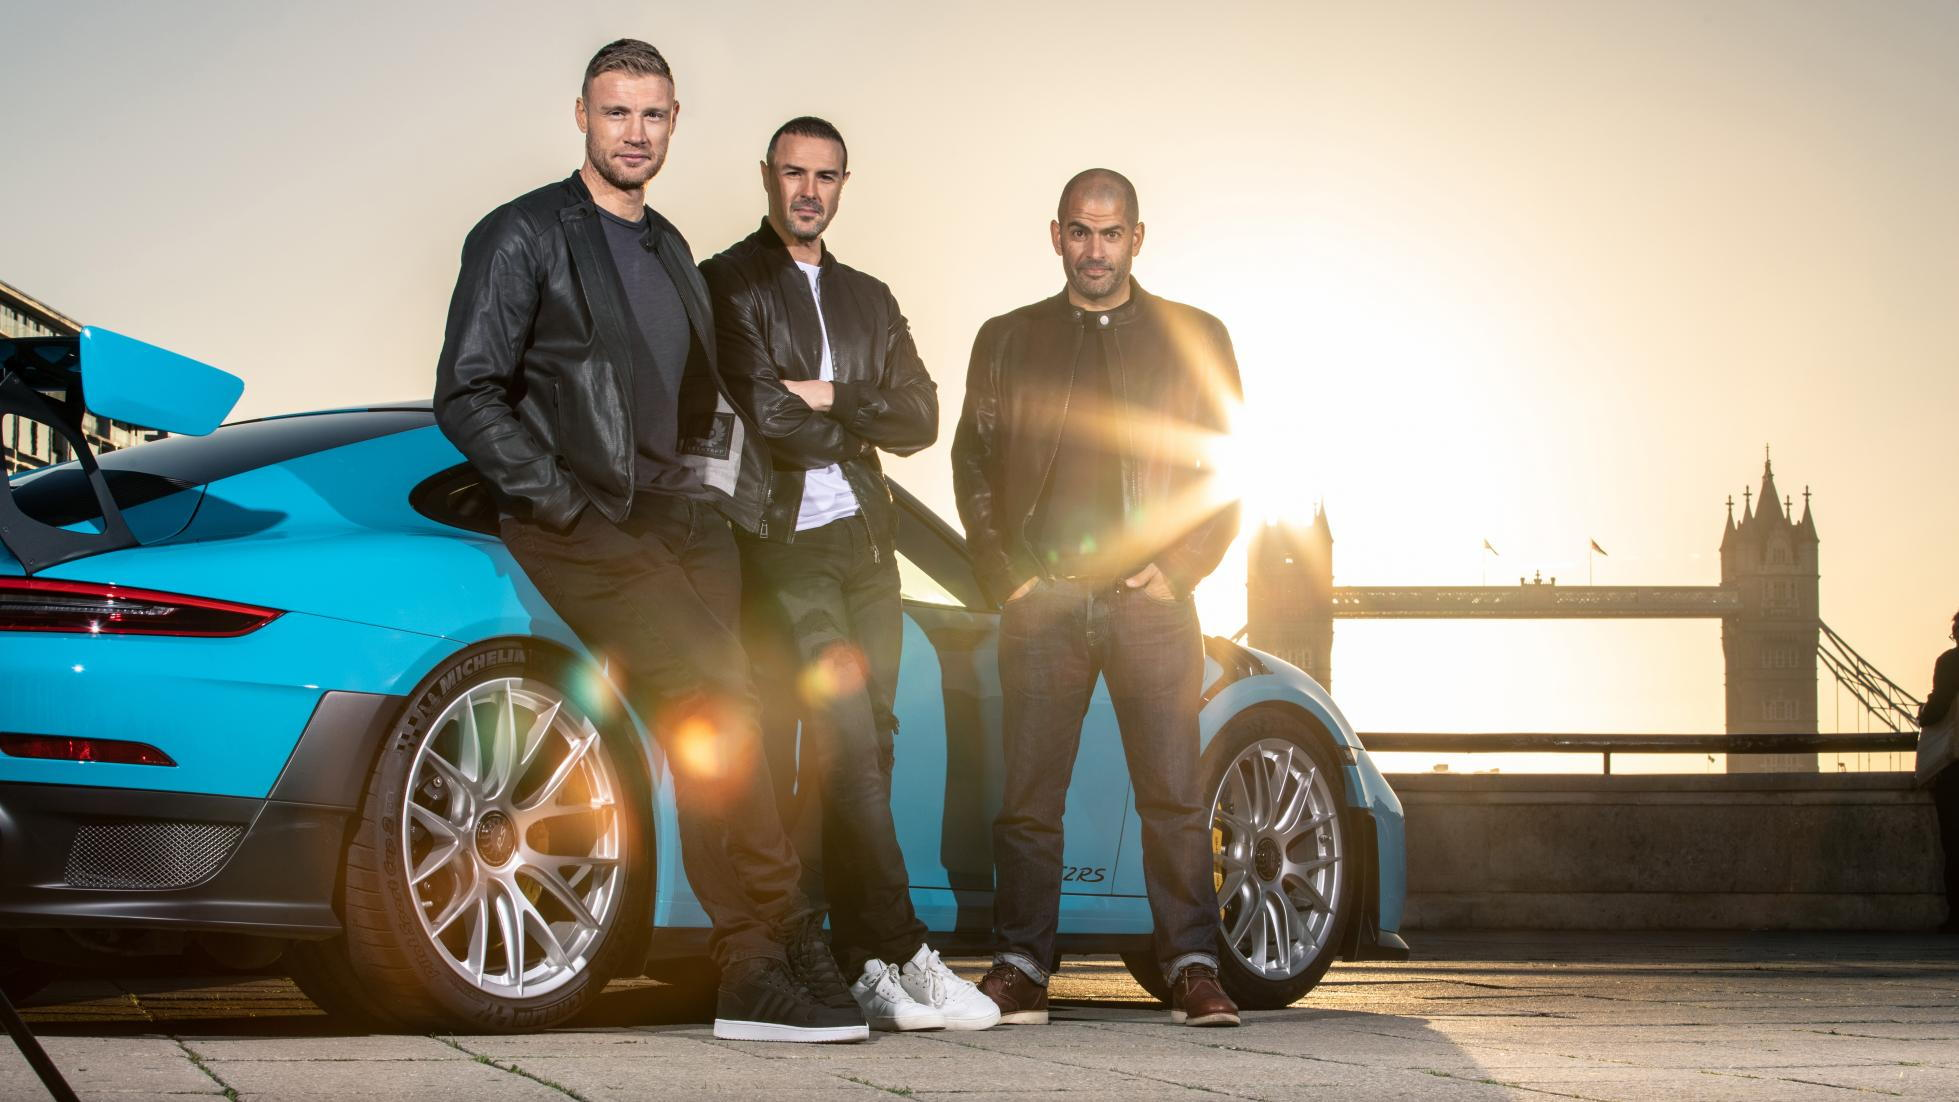 The new Top Gear trio